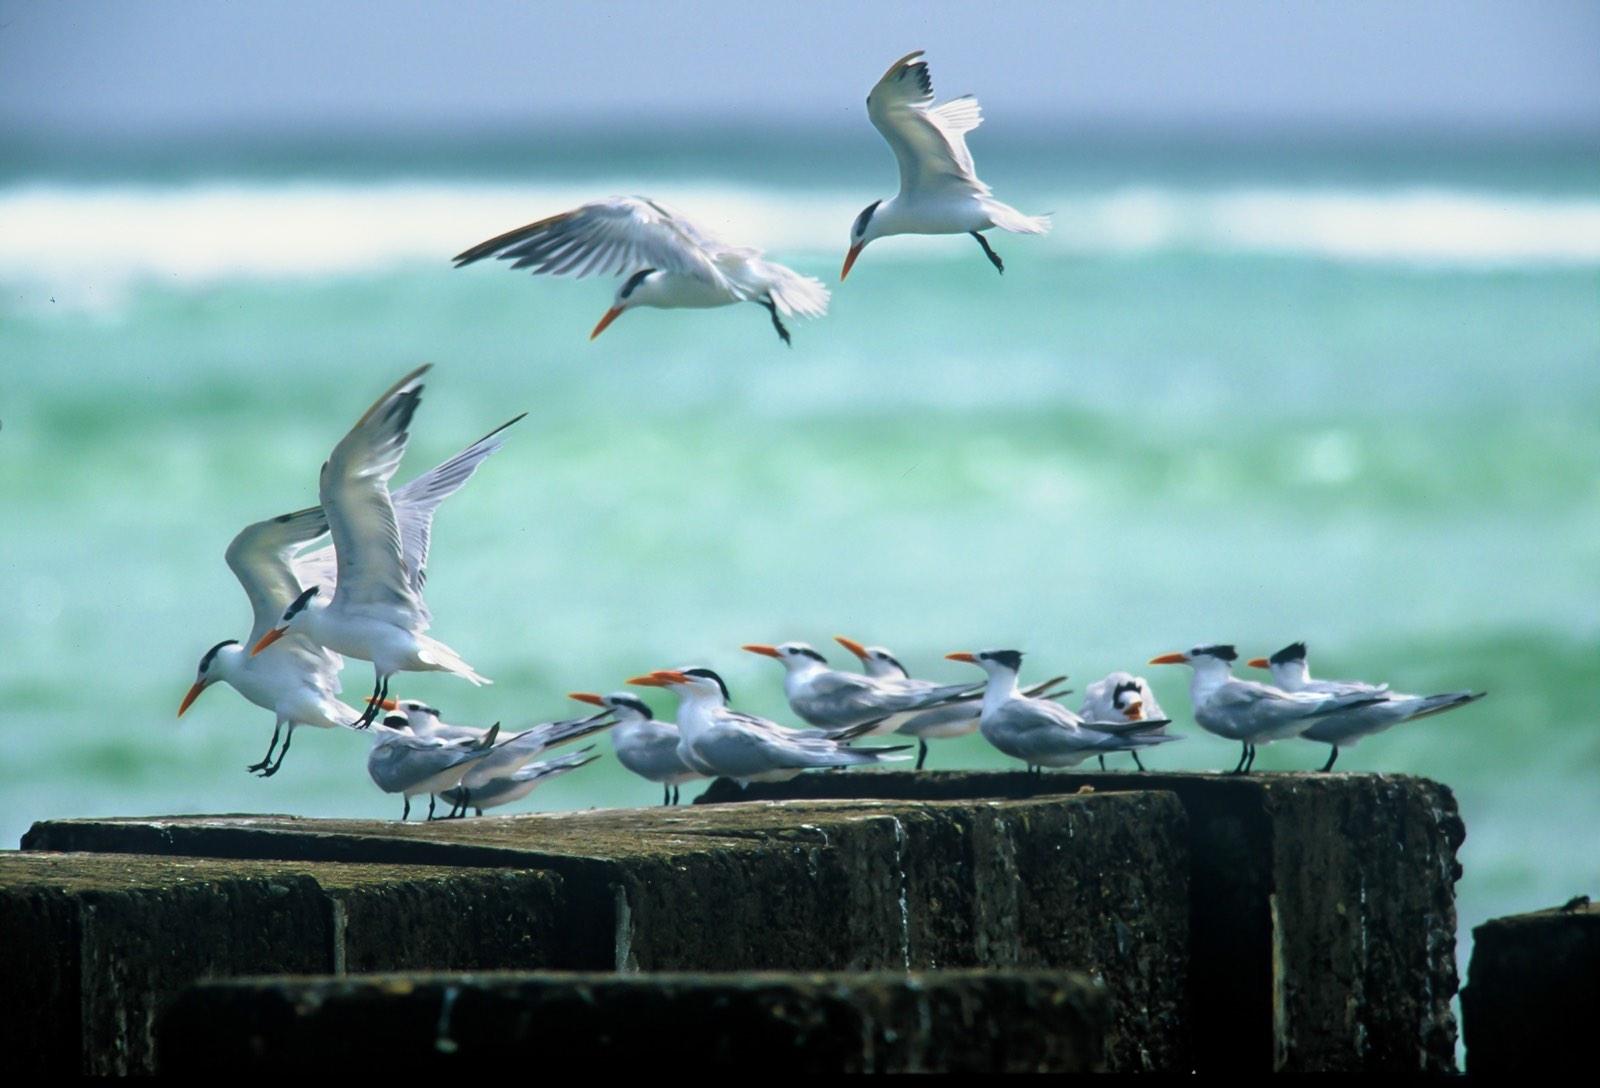 meeuwen landen bij kust op kade